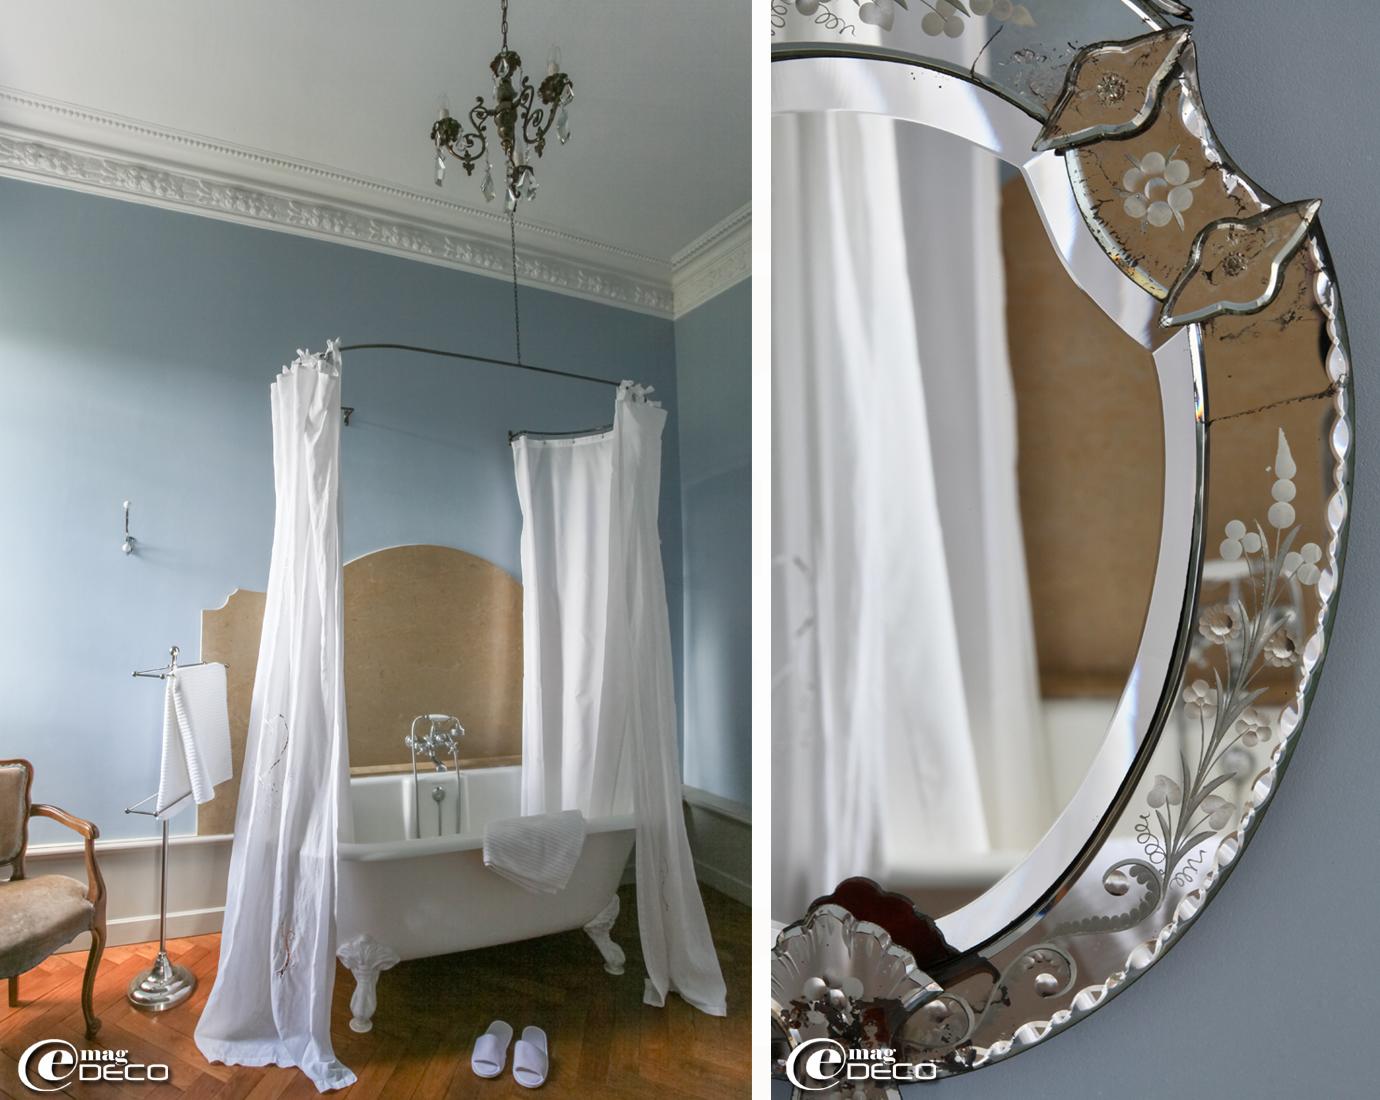 Dans une salle de bains du Château Clément, baignoire en fonte sur pieds 'Victoria & Albert', rideaux de coton 'Blanc d'Ivoire' suspendus à un ciel de baignoire réalisé par le serrurier Jean-Louis Ardeff à Saint-Étienne-de-Fontbellon, porte-serviettes 'Côté Table'